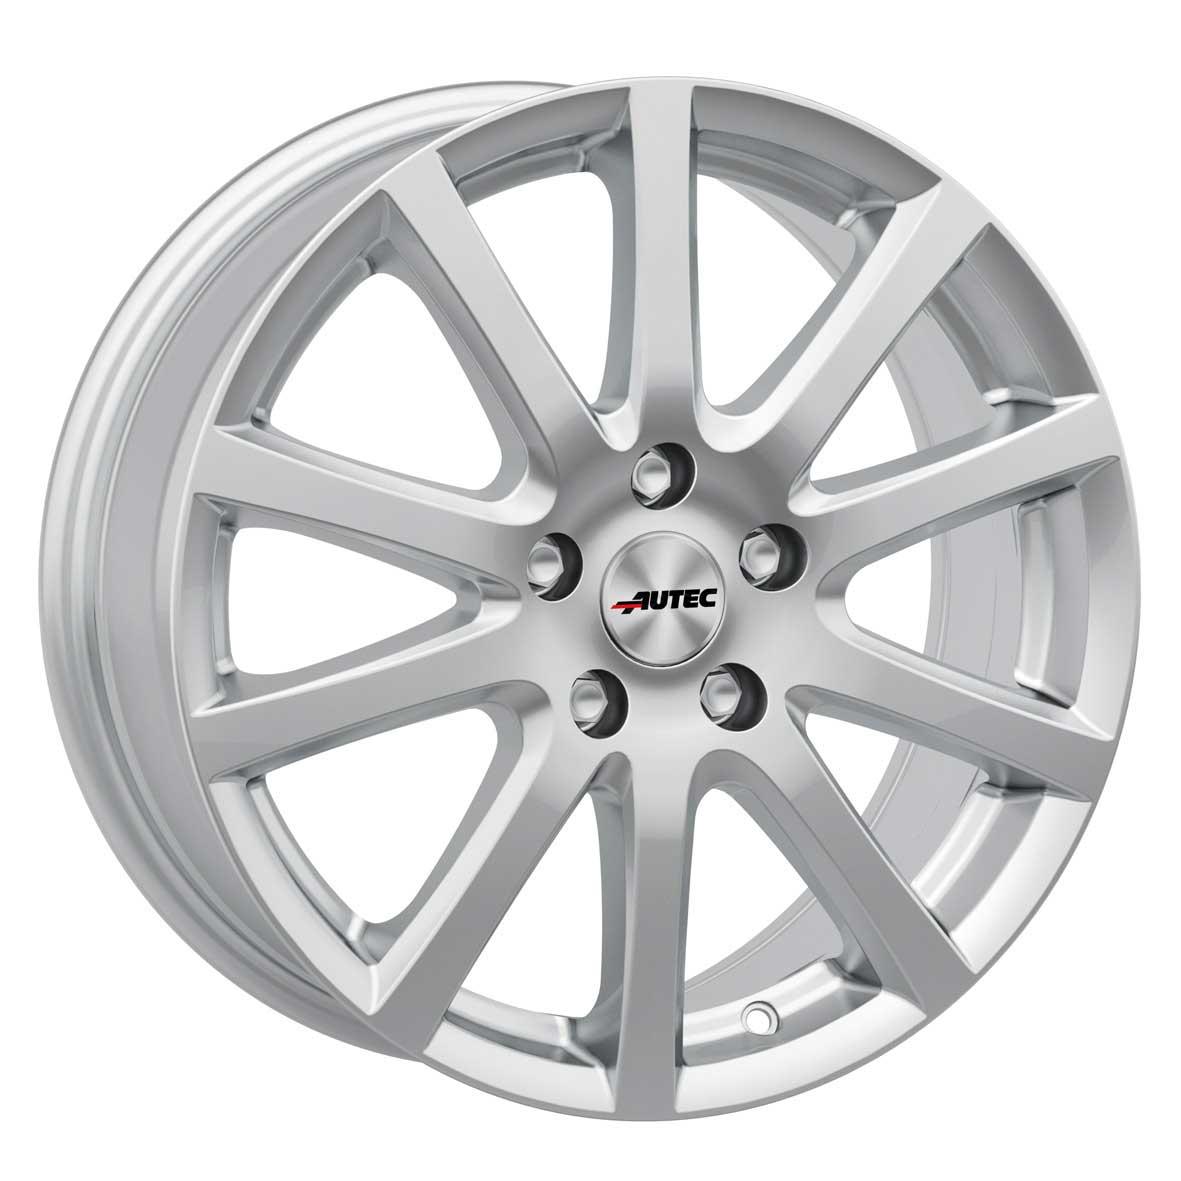 Jantes Autec SKANDIC 6.0x15 ET40 4x100 SIL pour Fiat Grande Punto Punto Punto Ev